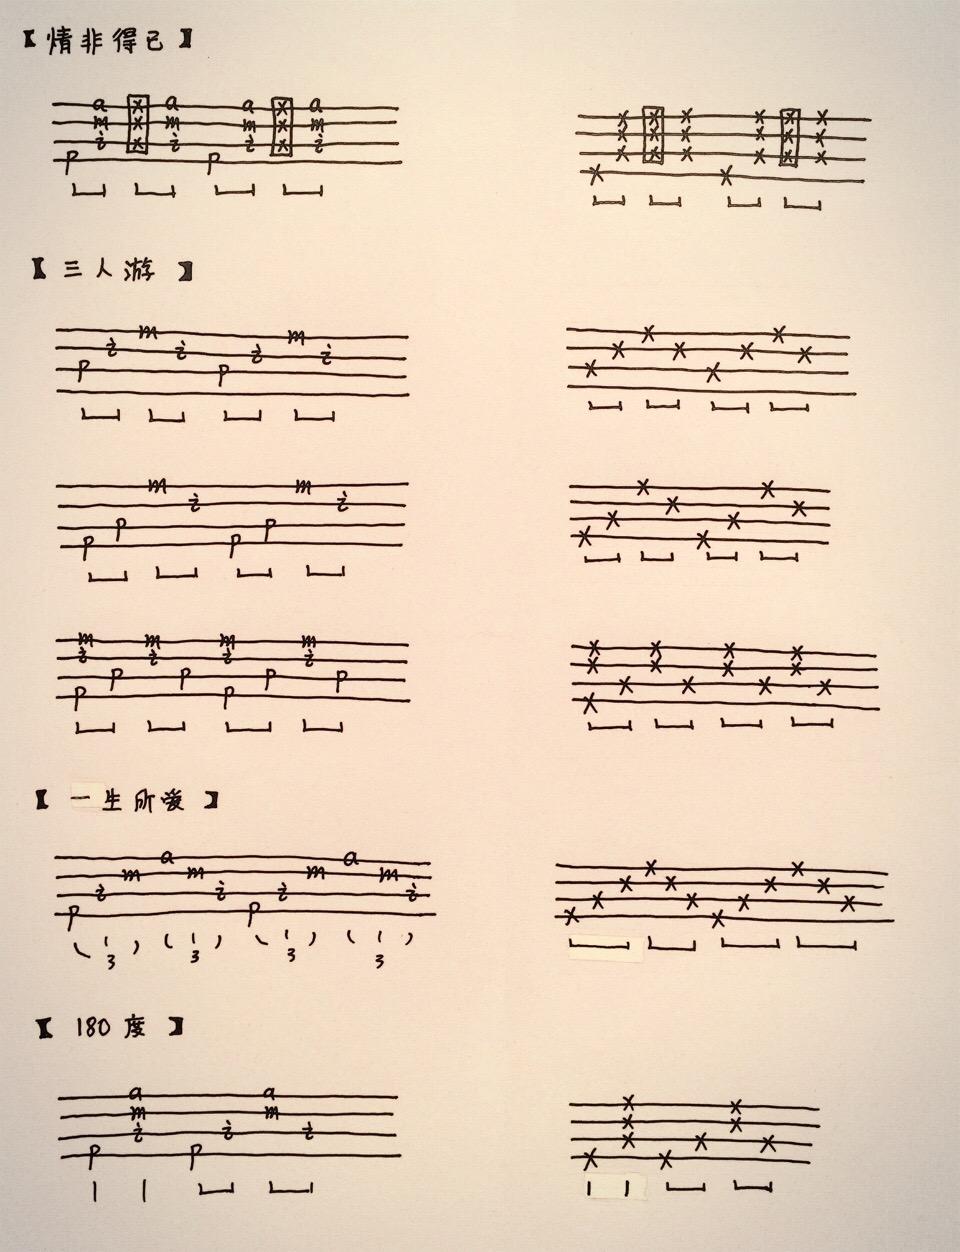 尤克里里常用右手节奏型大全(附教程与图谱)